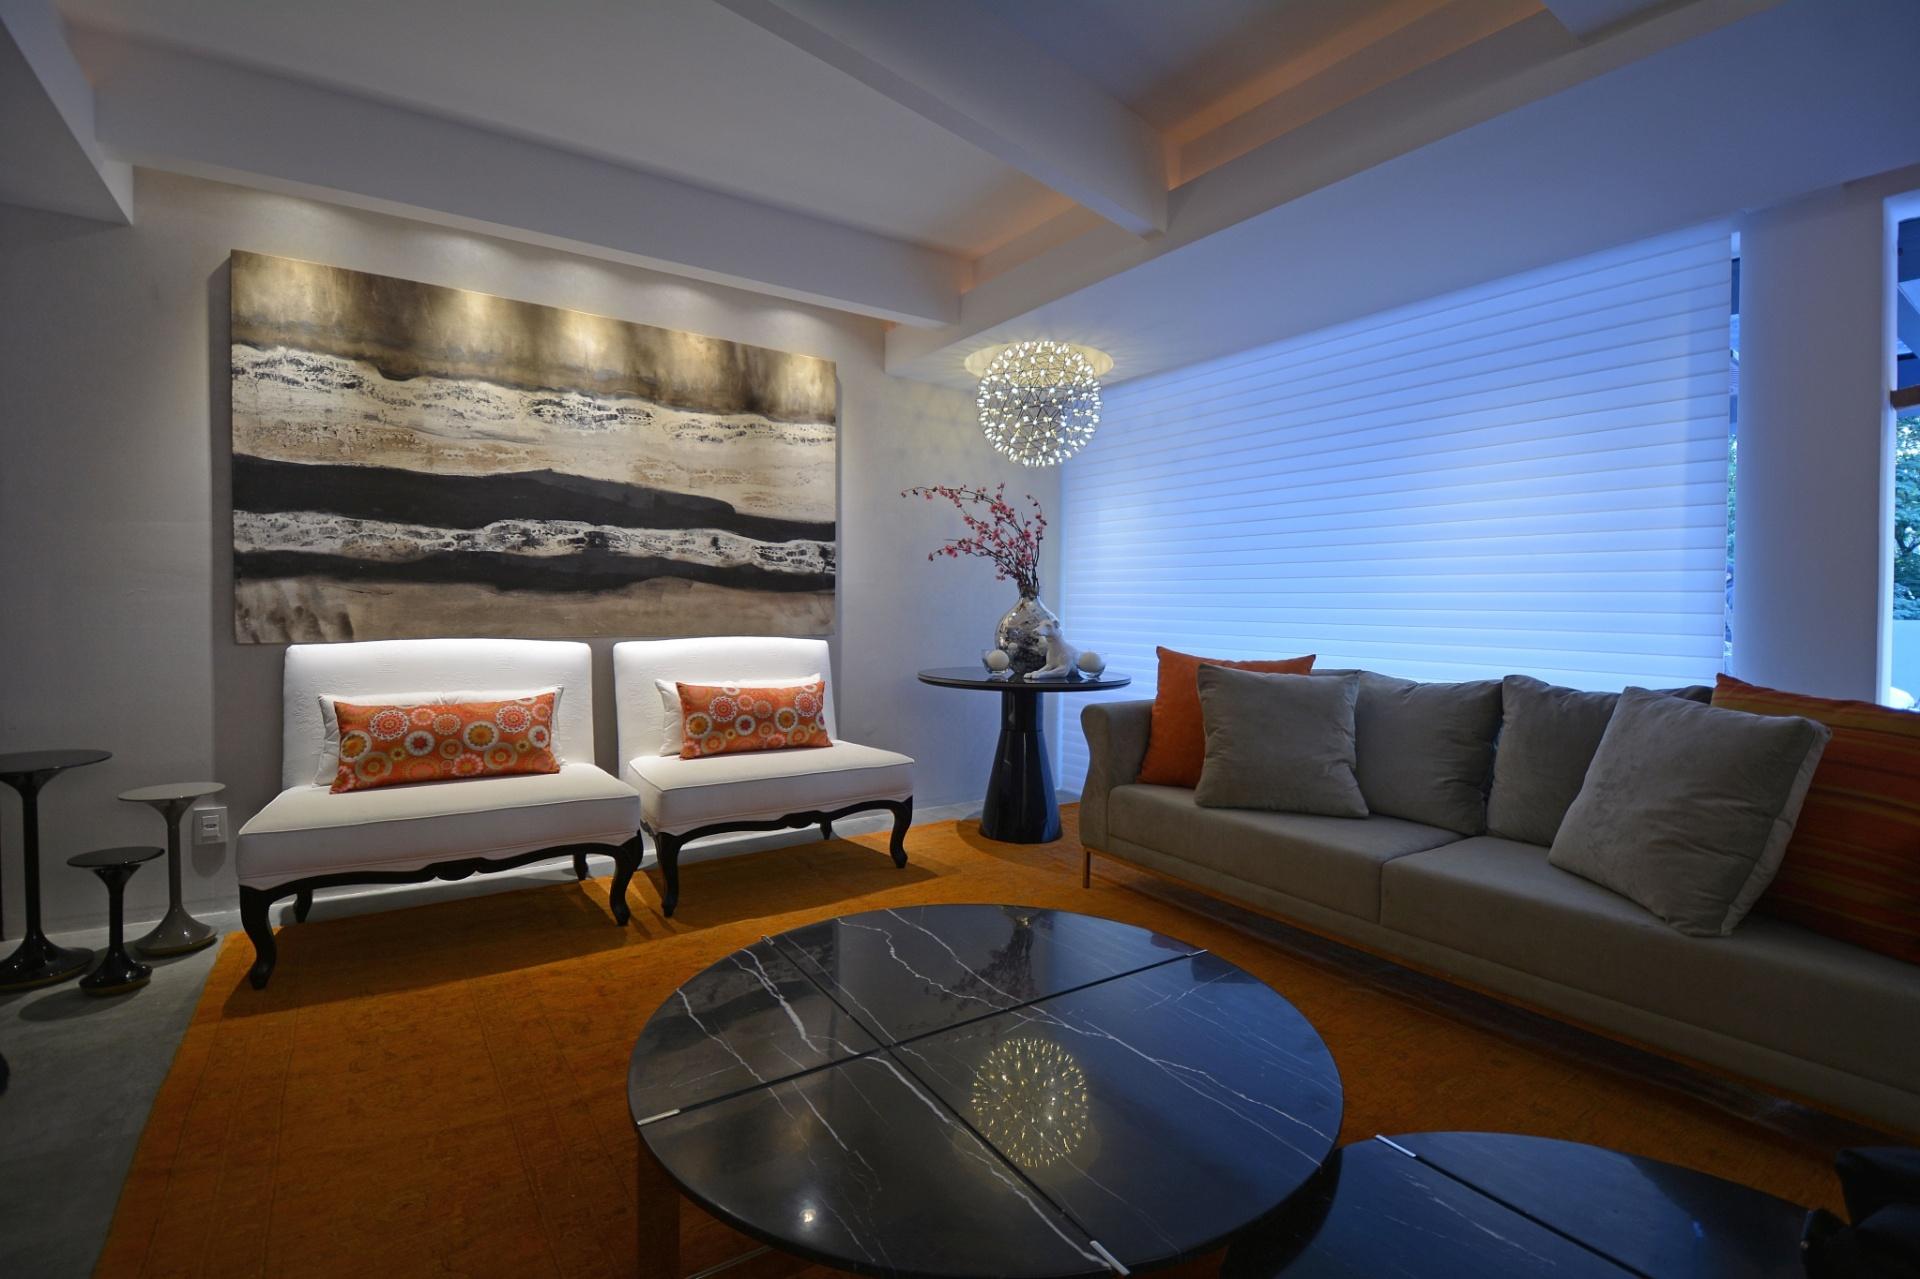 #0C59BF cria contraste na decoração da sala de estar do Loft Cristal de  1920x1279 píxeis em Decoração De Sala De Estar Branco E Preto